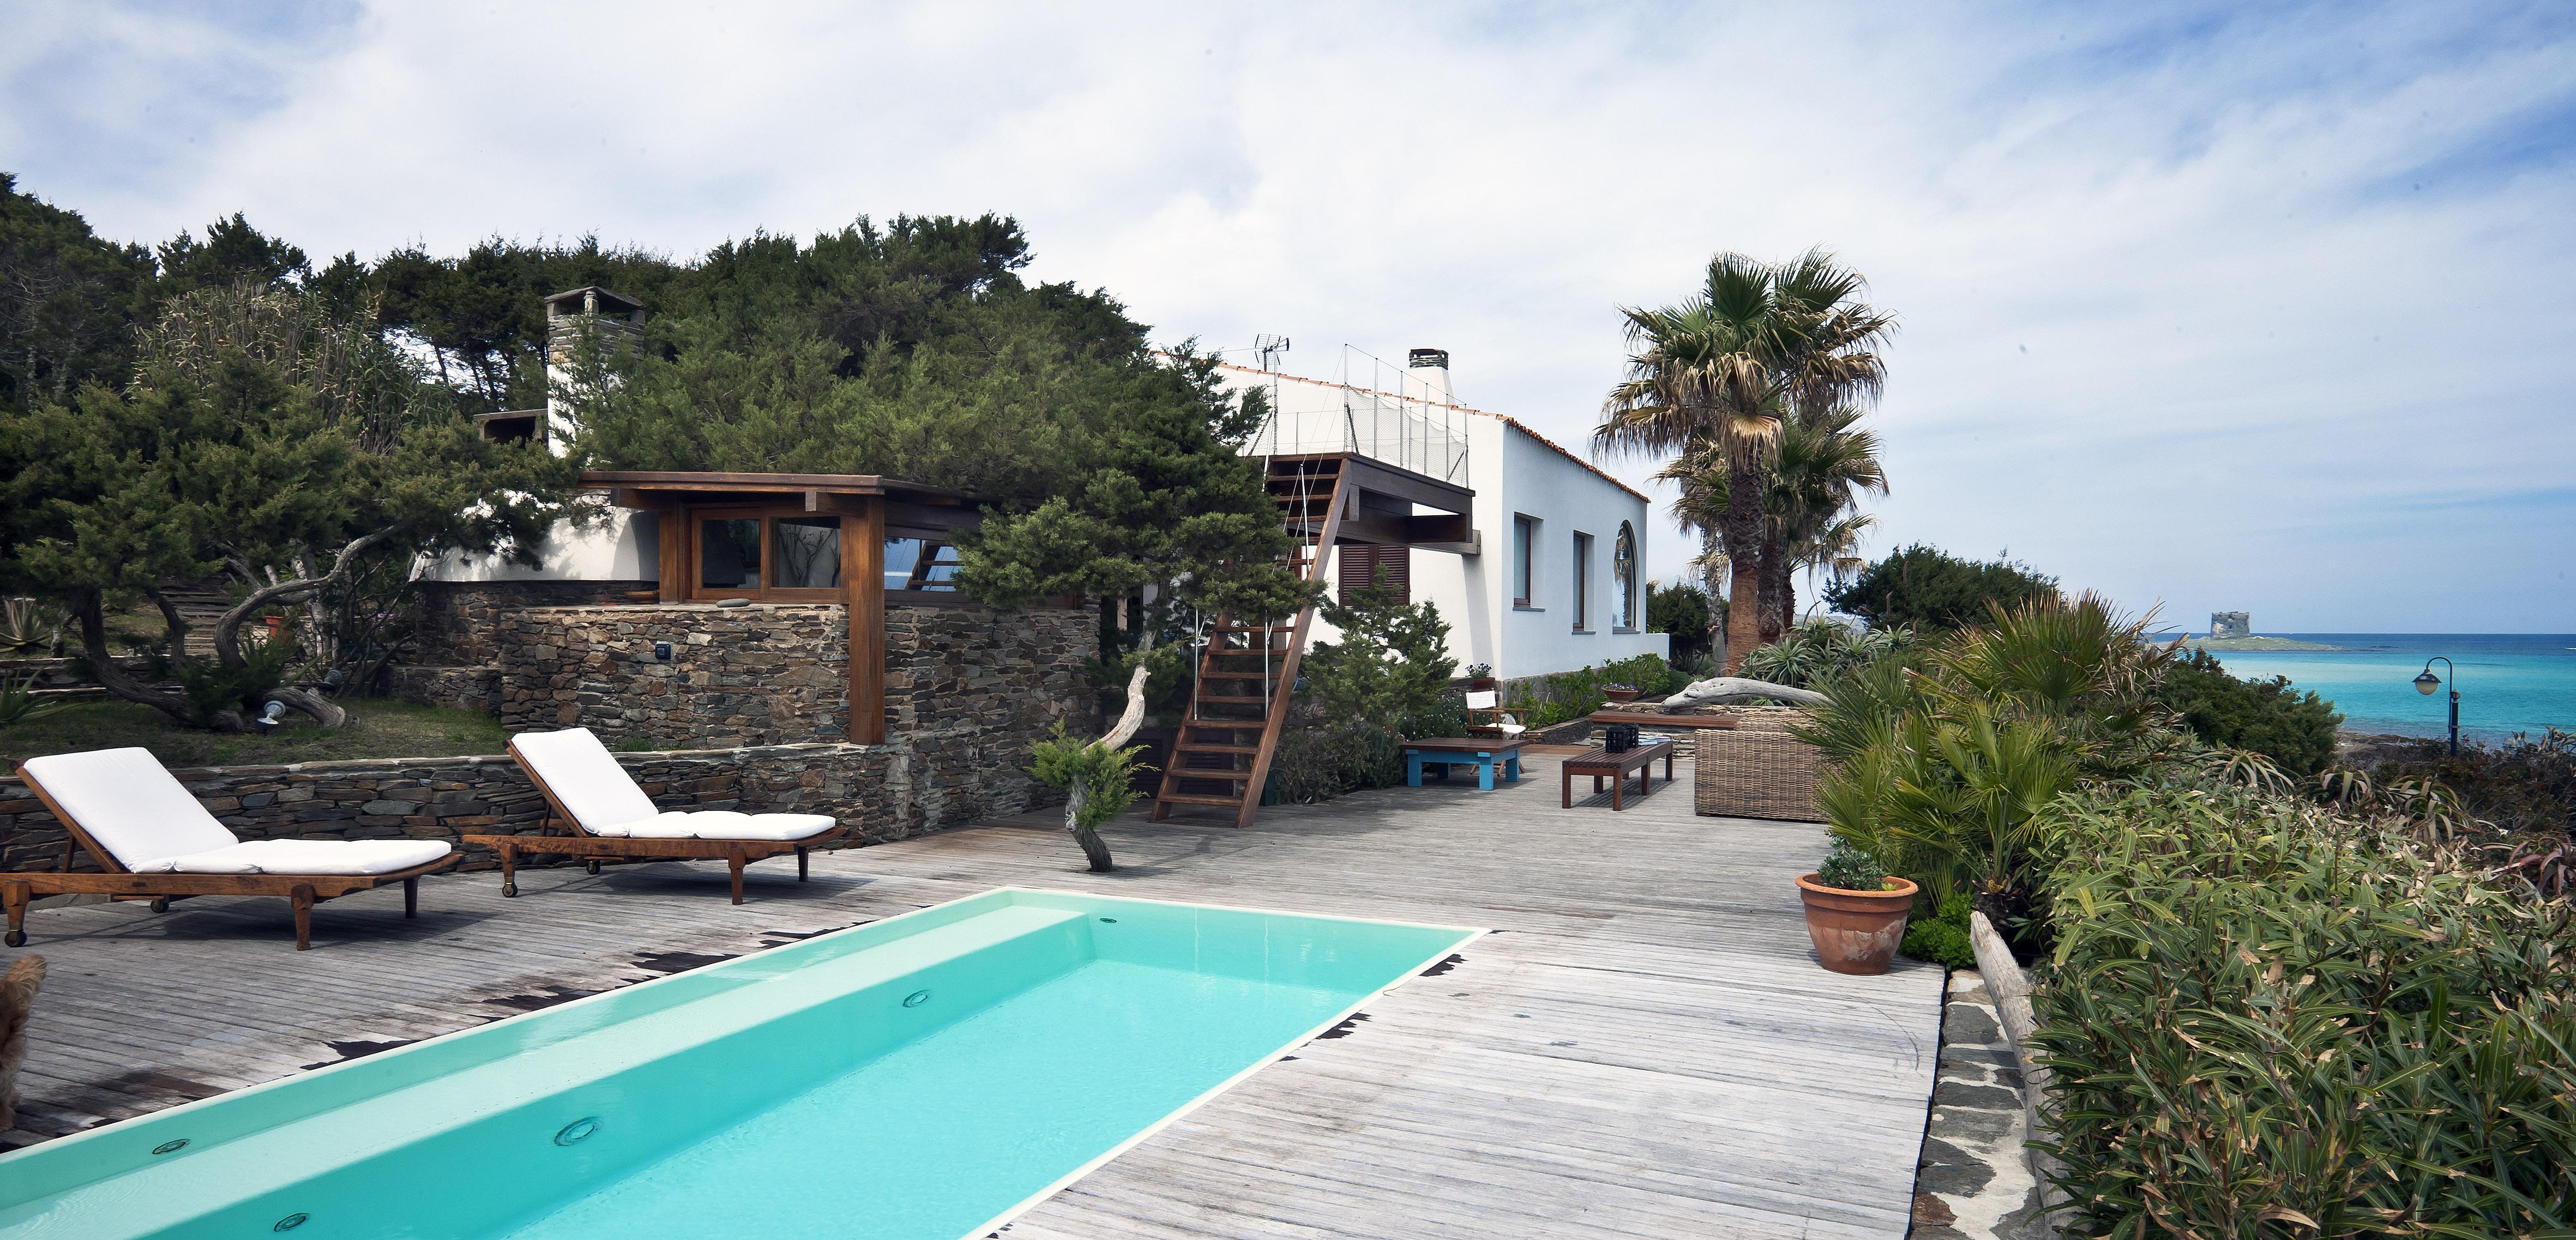 Villa Aquarell Sardinia your escape (13)